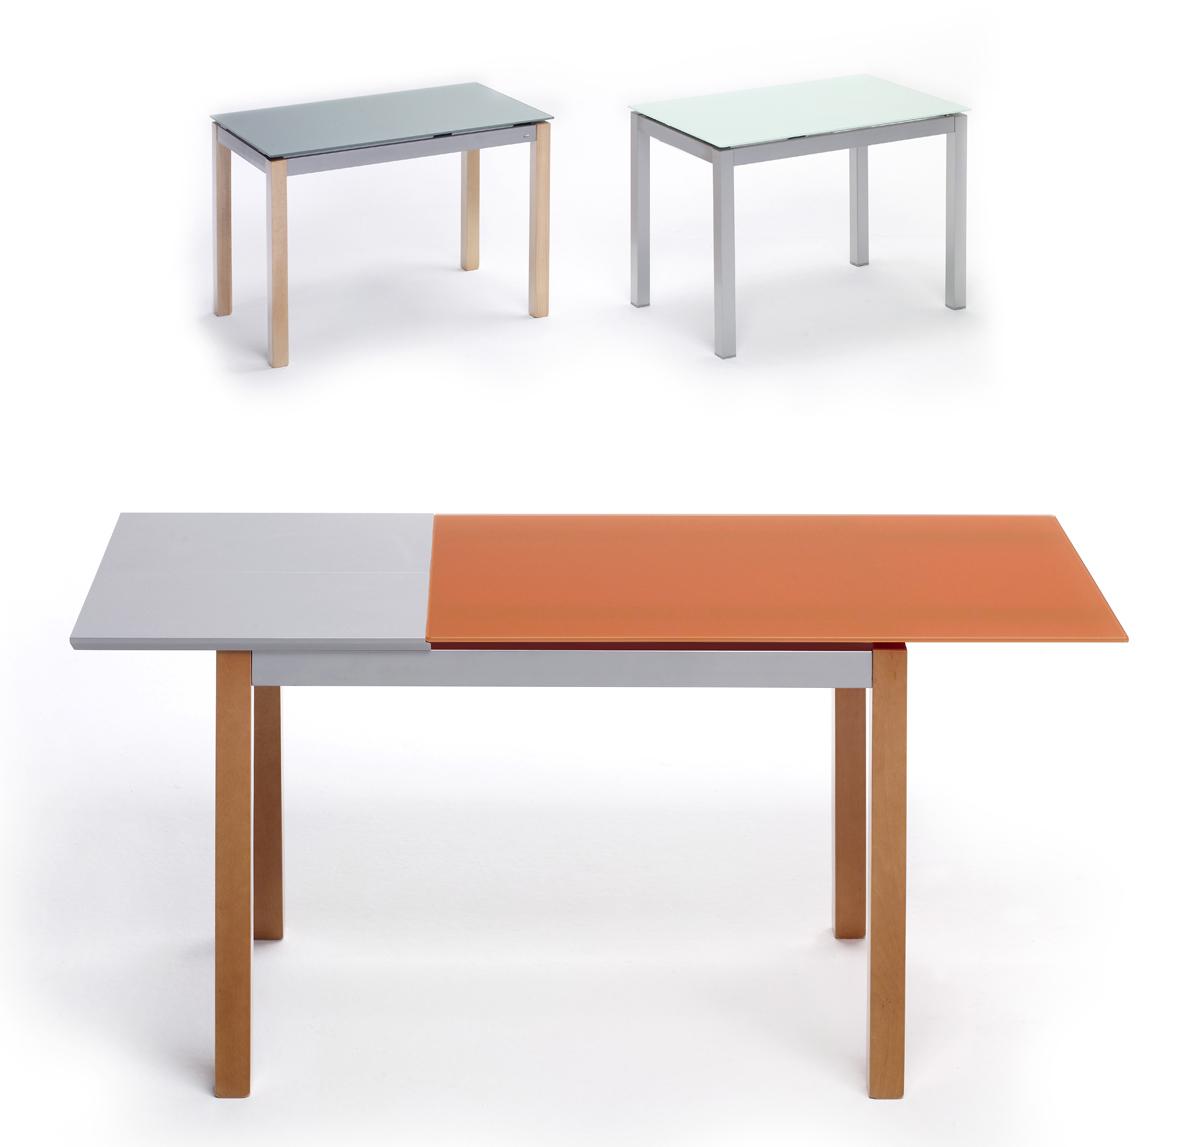 Mesa cocina a 2 decora descans complementos mueble hogar - Mueble mesa cocina ...